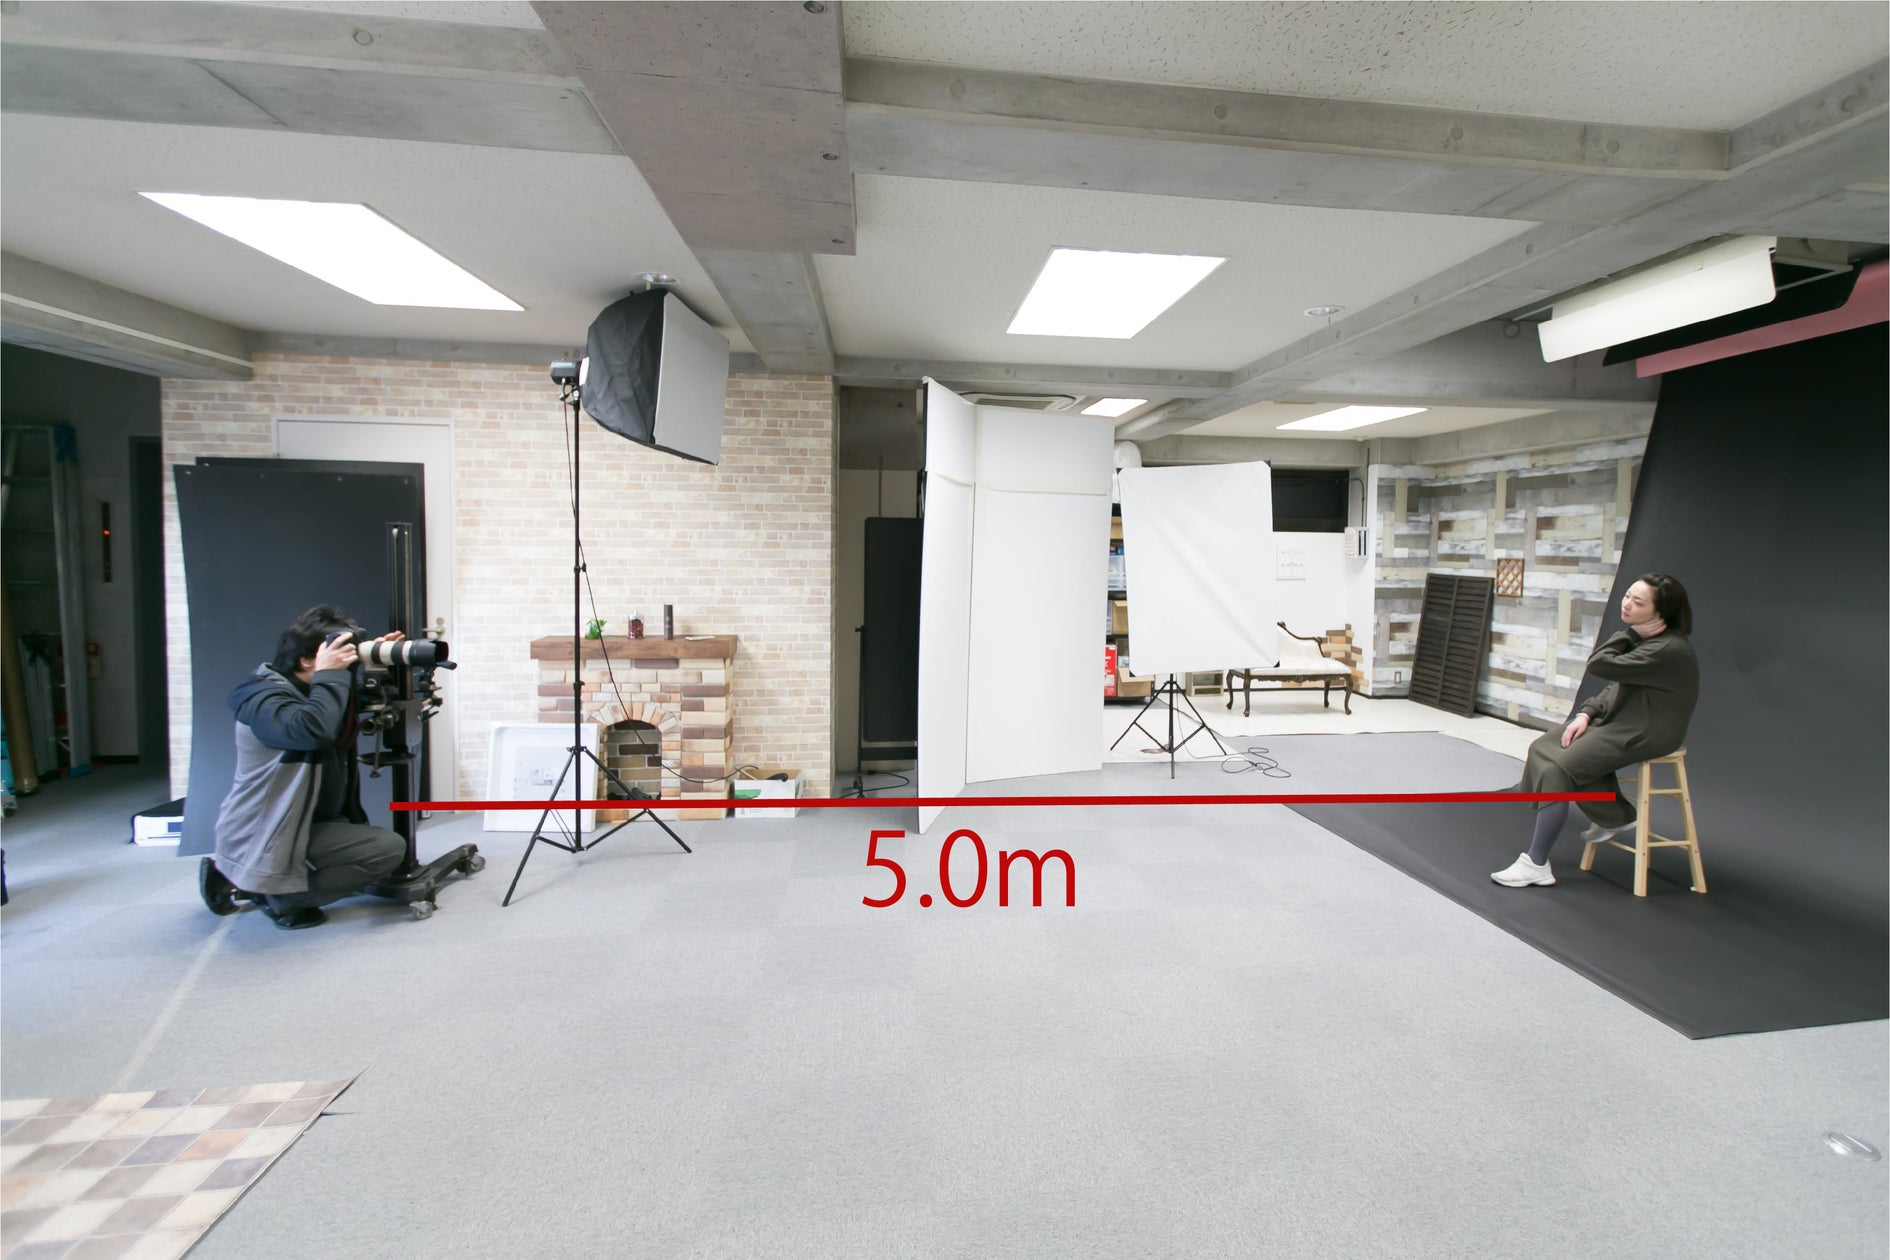 1時間3,000円~、1フロア貸切の広いフォトスタジオ。背景紙・大型ストロボ等の機材もレンタル可能な「I-STUDIO」 の写真